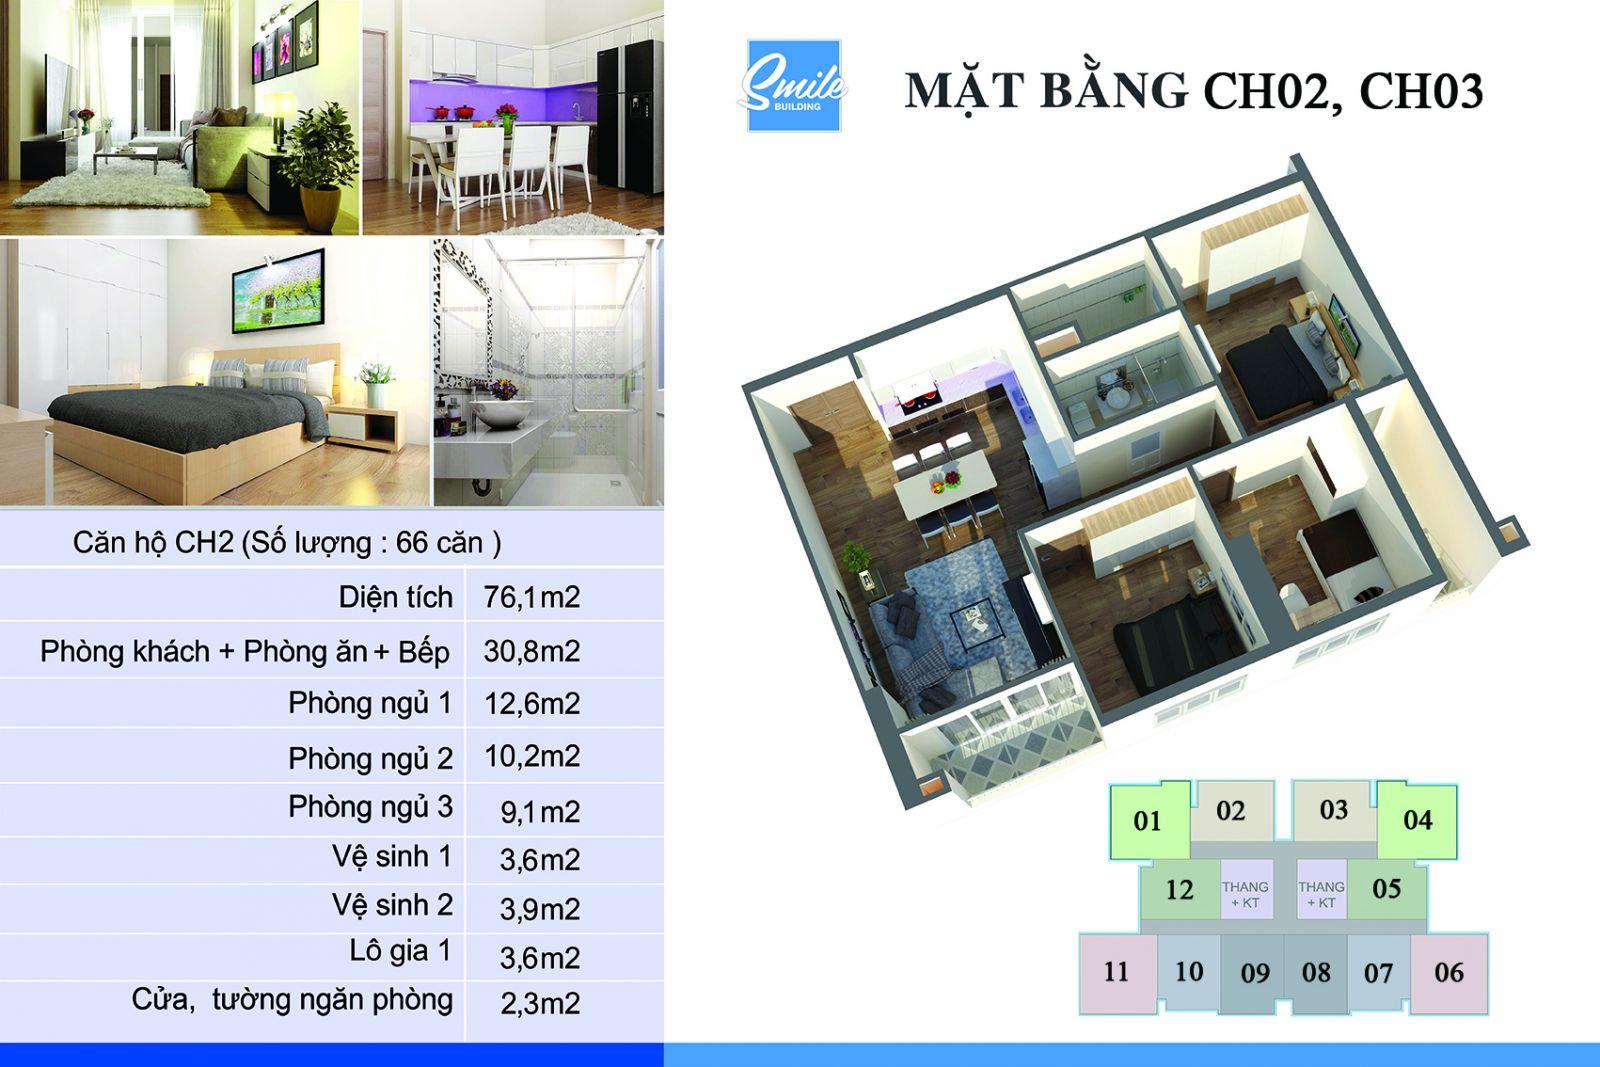 Mặt bằng căn hộ CH02 và CH03 chung cư Trung Yên